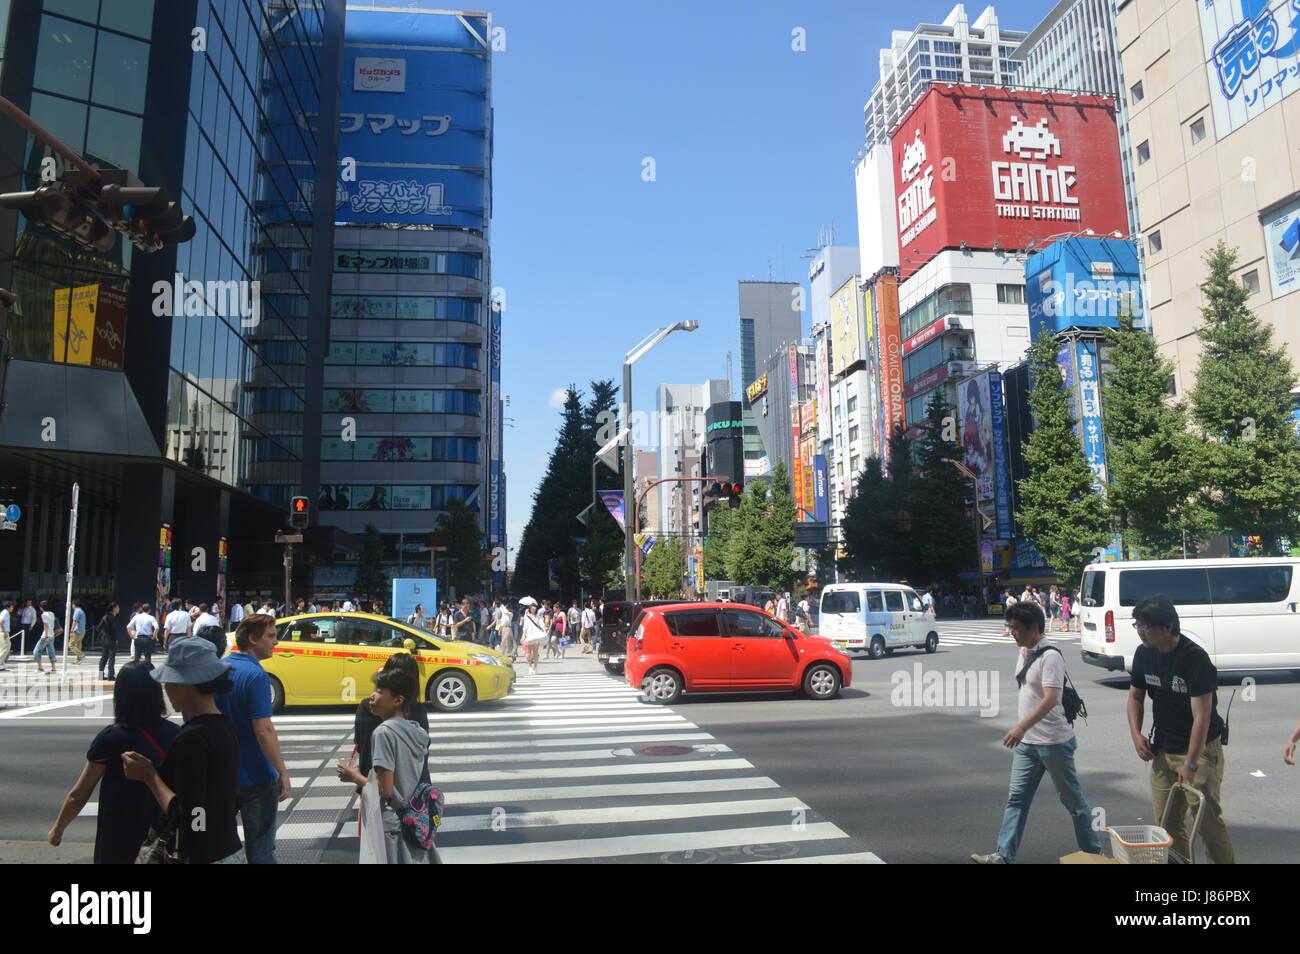 Japan pictures-Photos du Japon - Stock Image